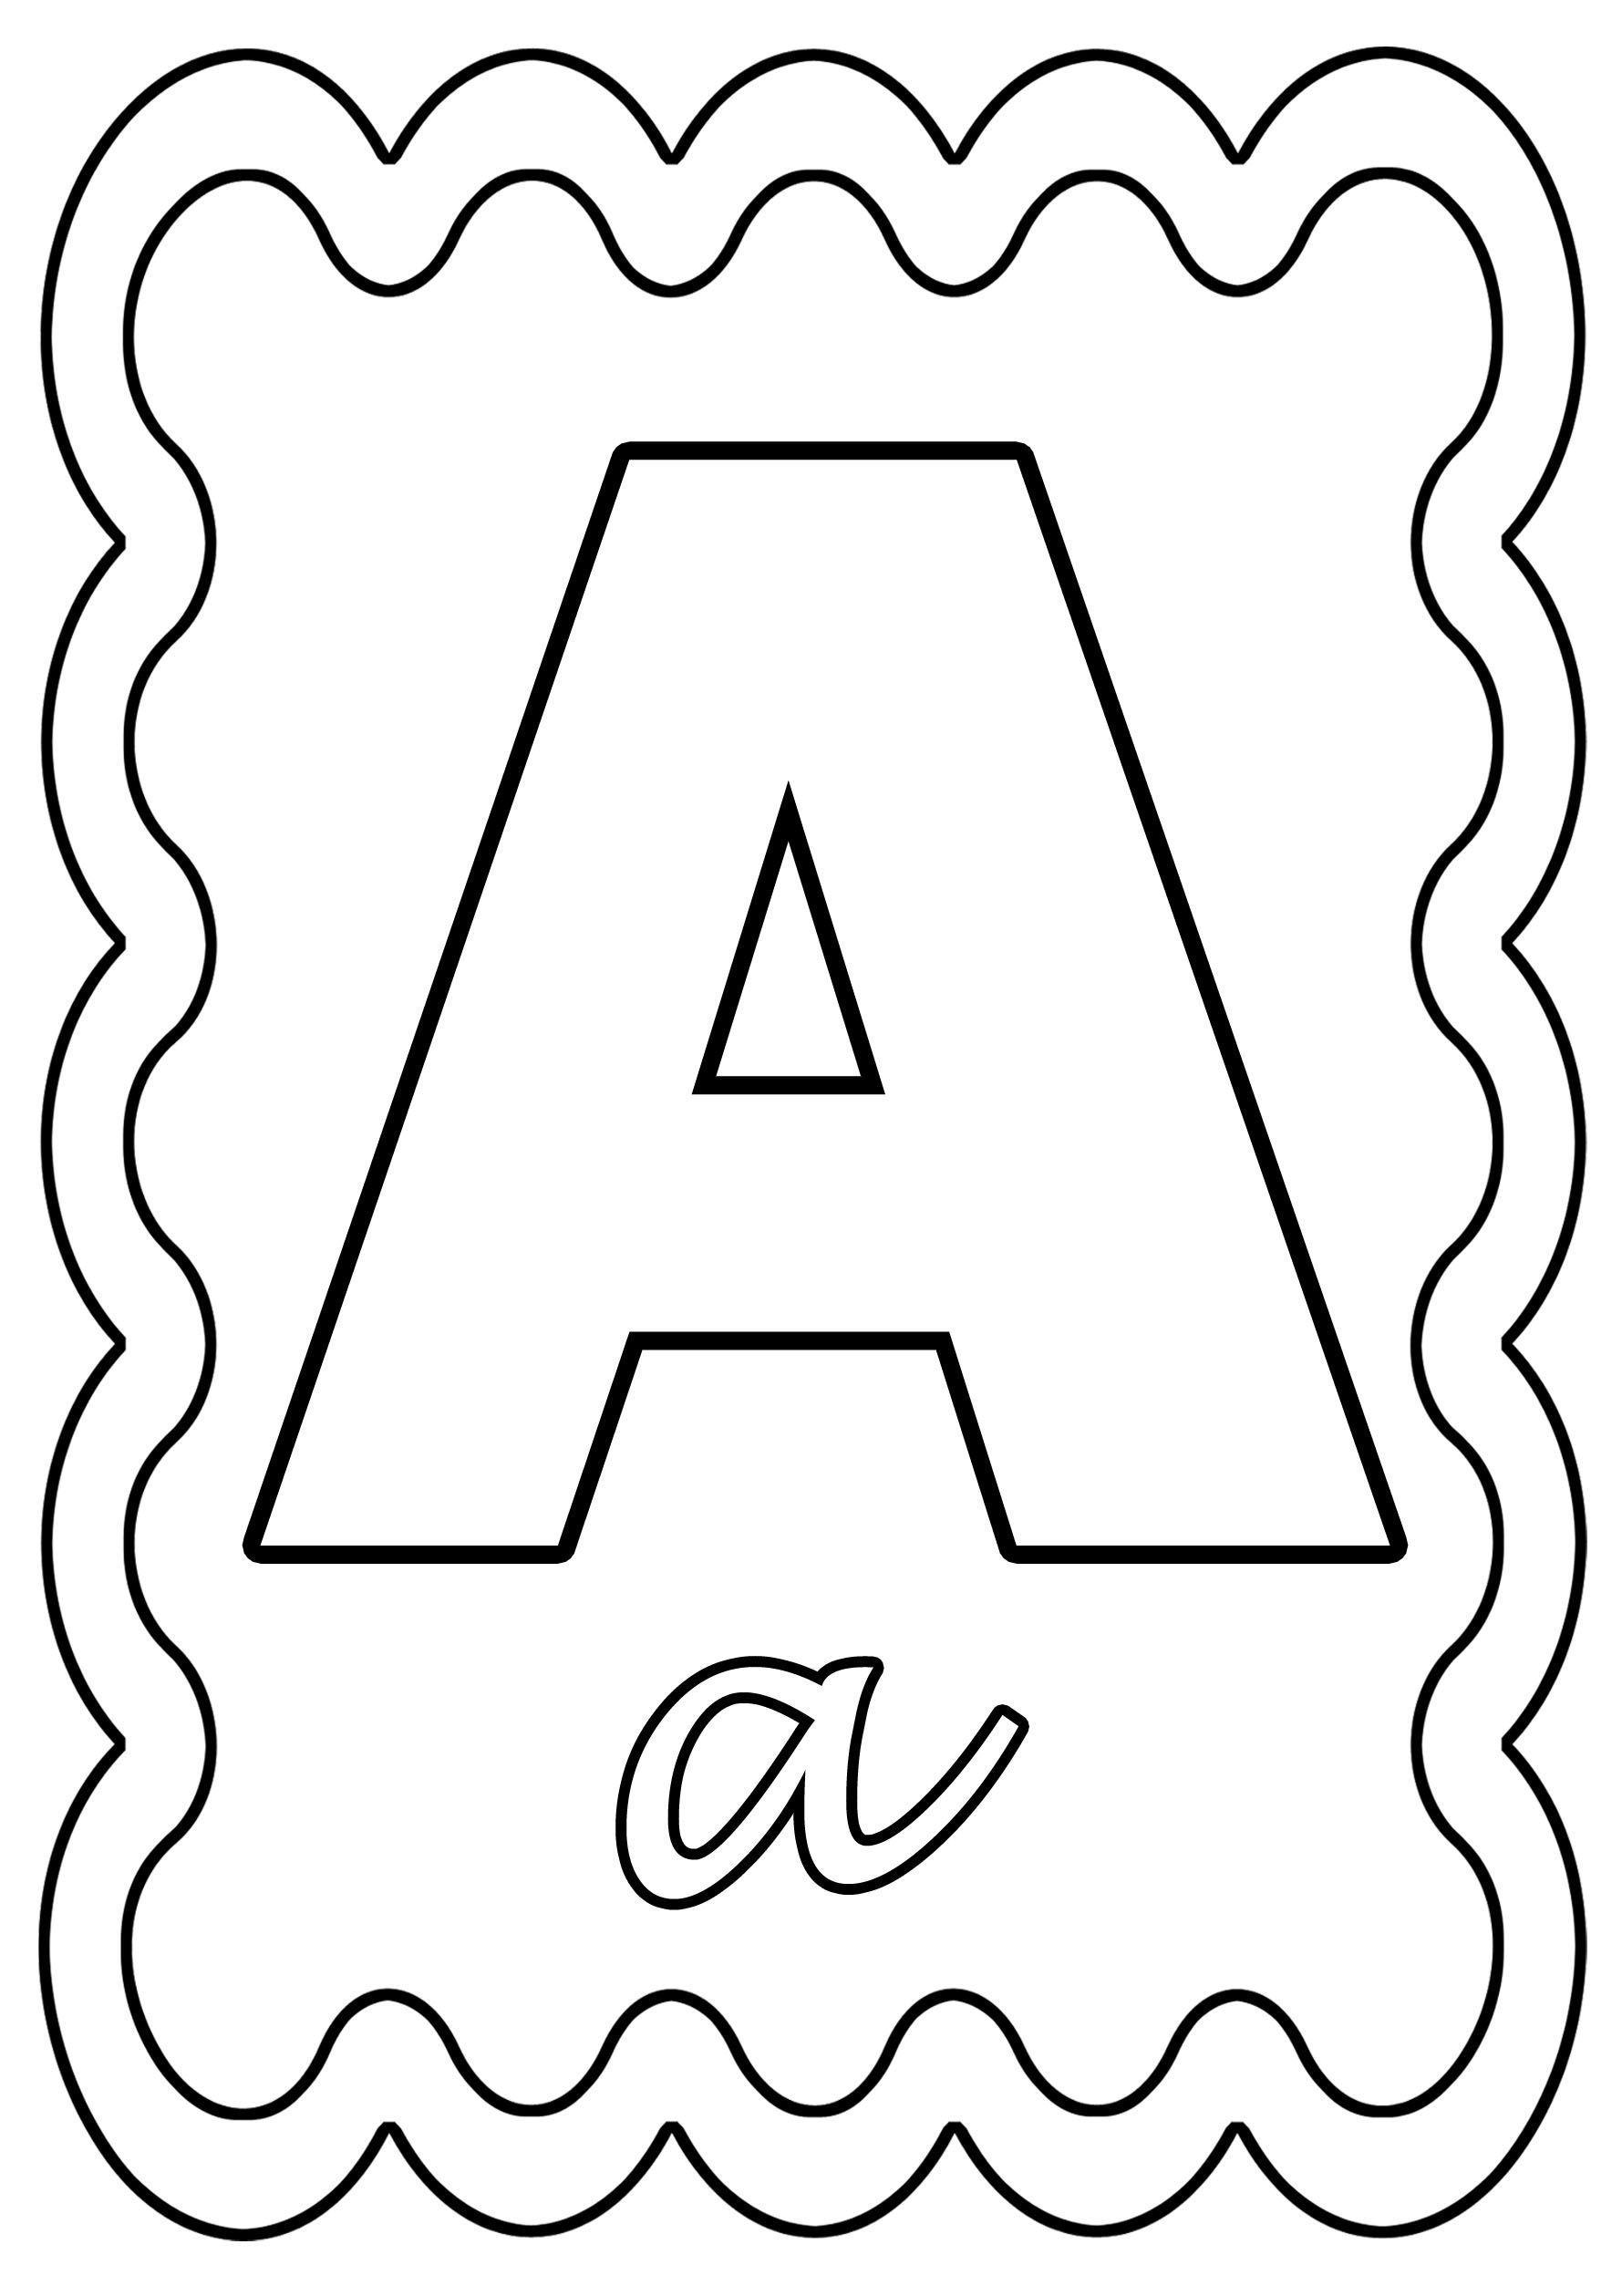 Coloriage Alphabet Lettre De A A Z pour Coloriage D Alphabet